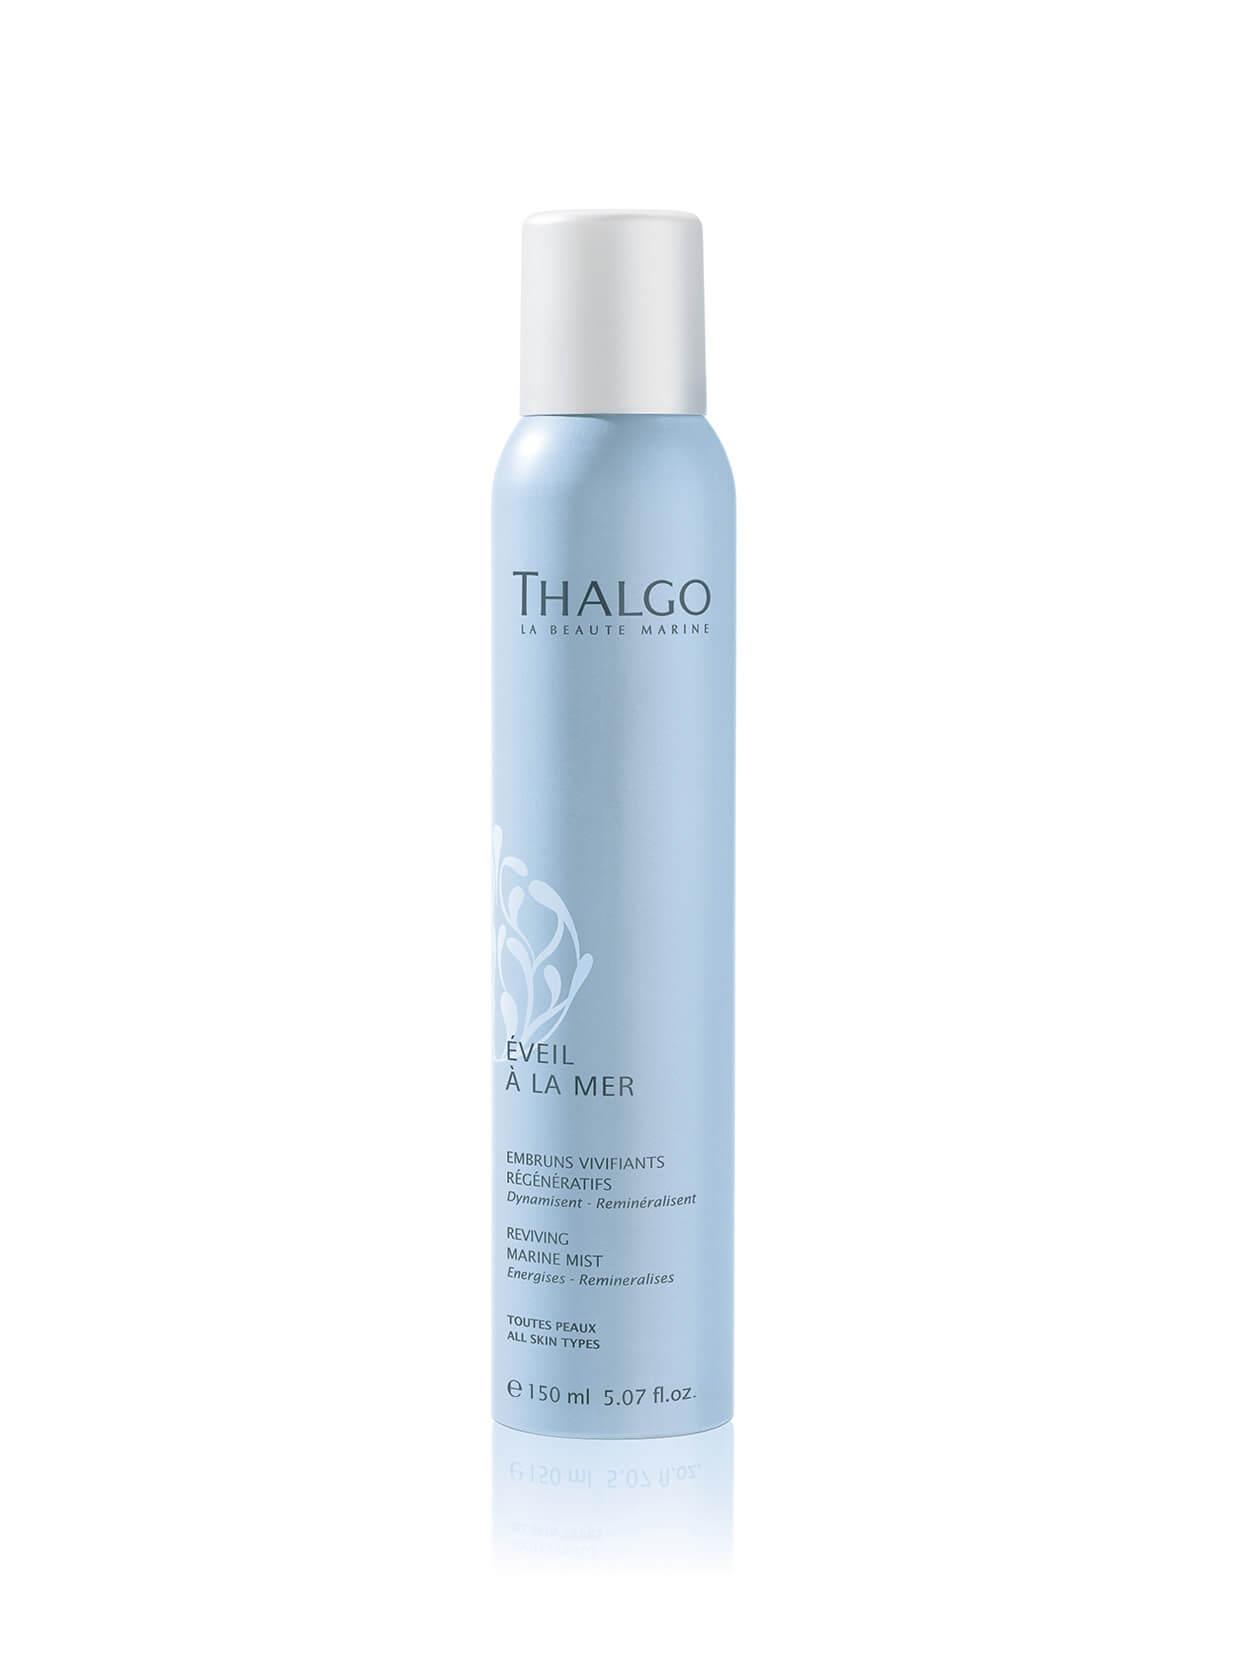 Thalgo 細胞活化噴霧 $390/150ml